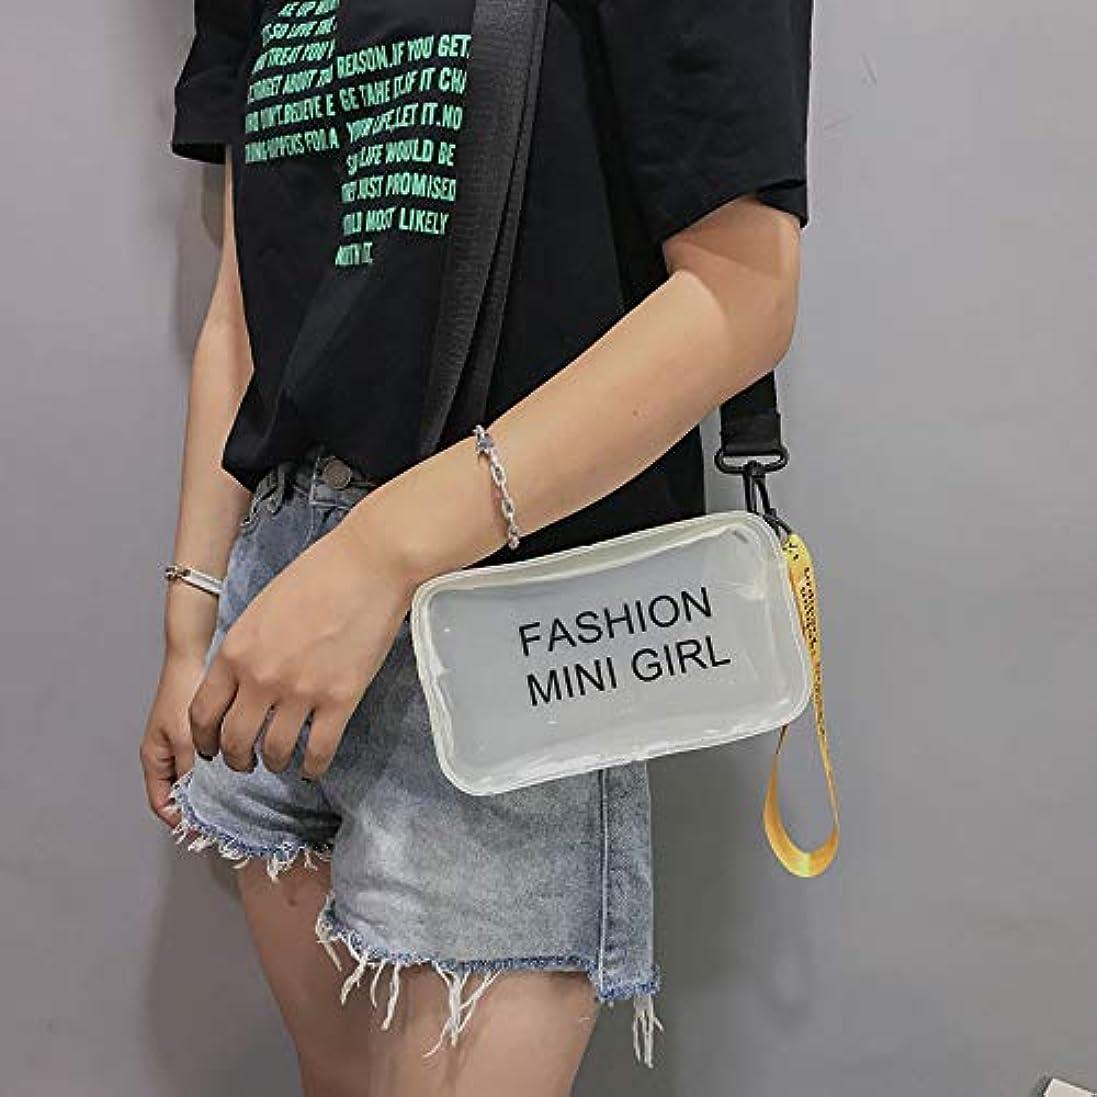 想像するガチョウスムーズに女性ファッションゼリー手紙ストリートシンプルデザインショルダーバッグメッセンジャーバッグ、ゼリー手紙メッセンジャーバッグハンドバッグ携帯電話バッグ、ファッション汎用メッセンジャーバッグショルダーバッグハンドバッグ (白)